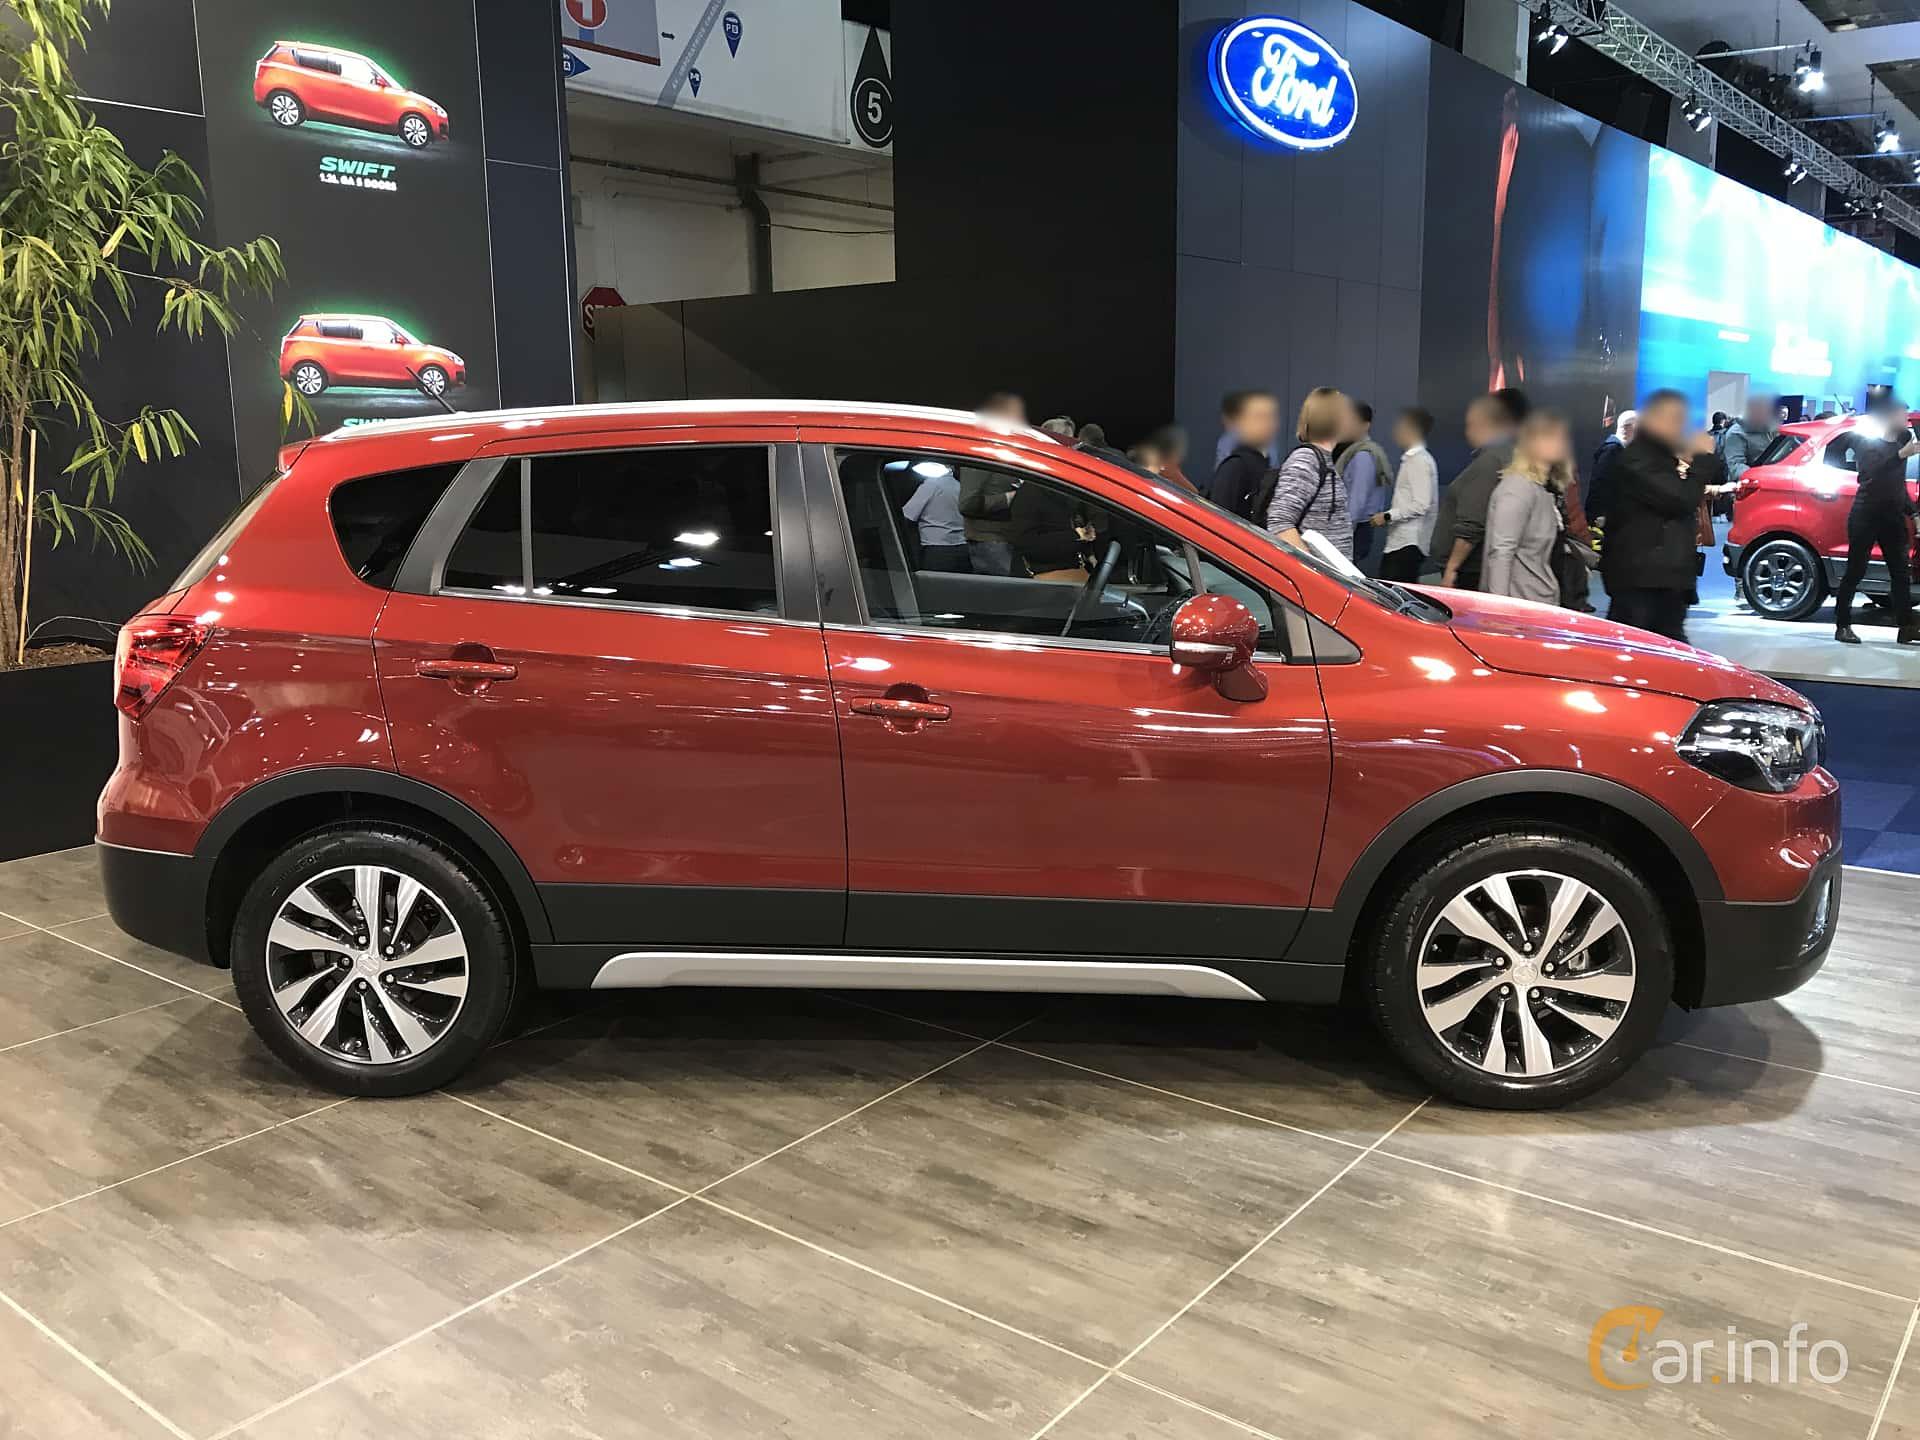 2020 Suzuki Sx4 Performance